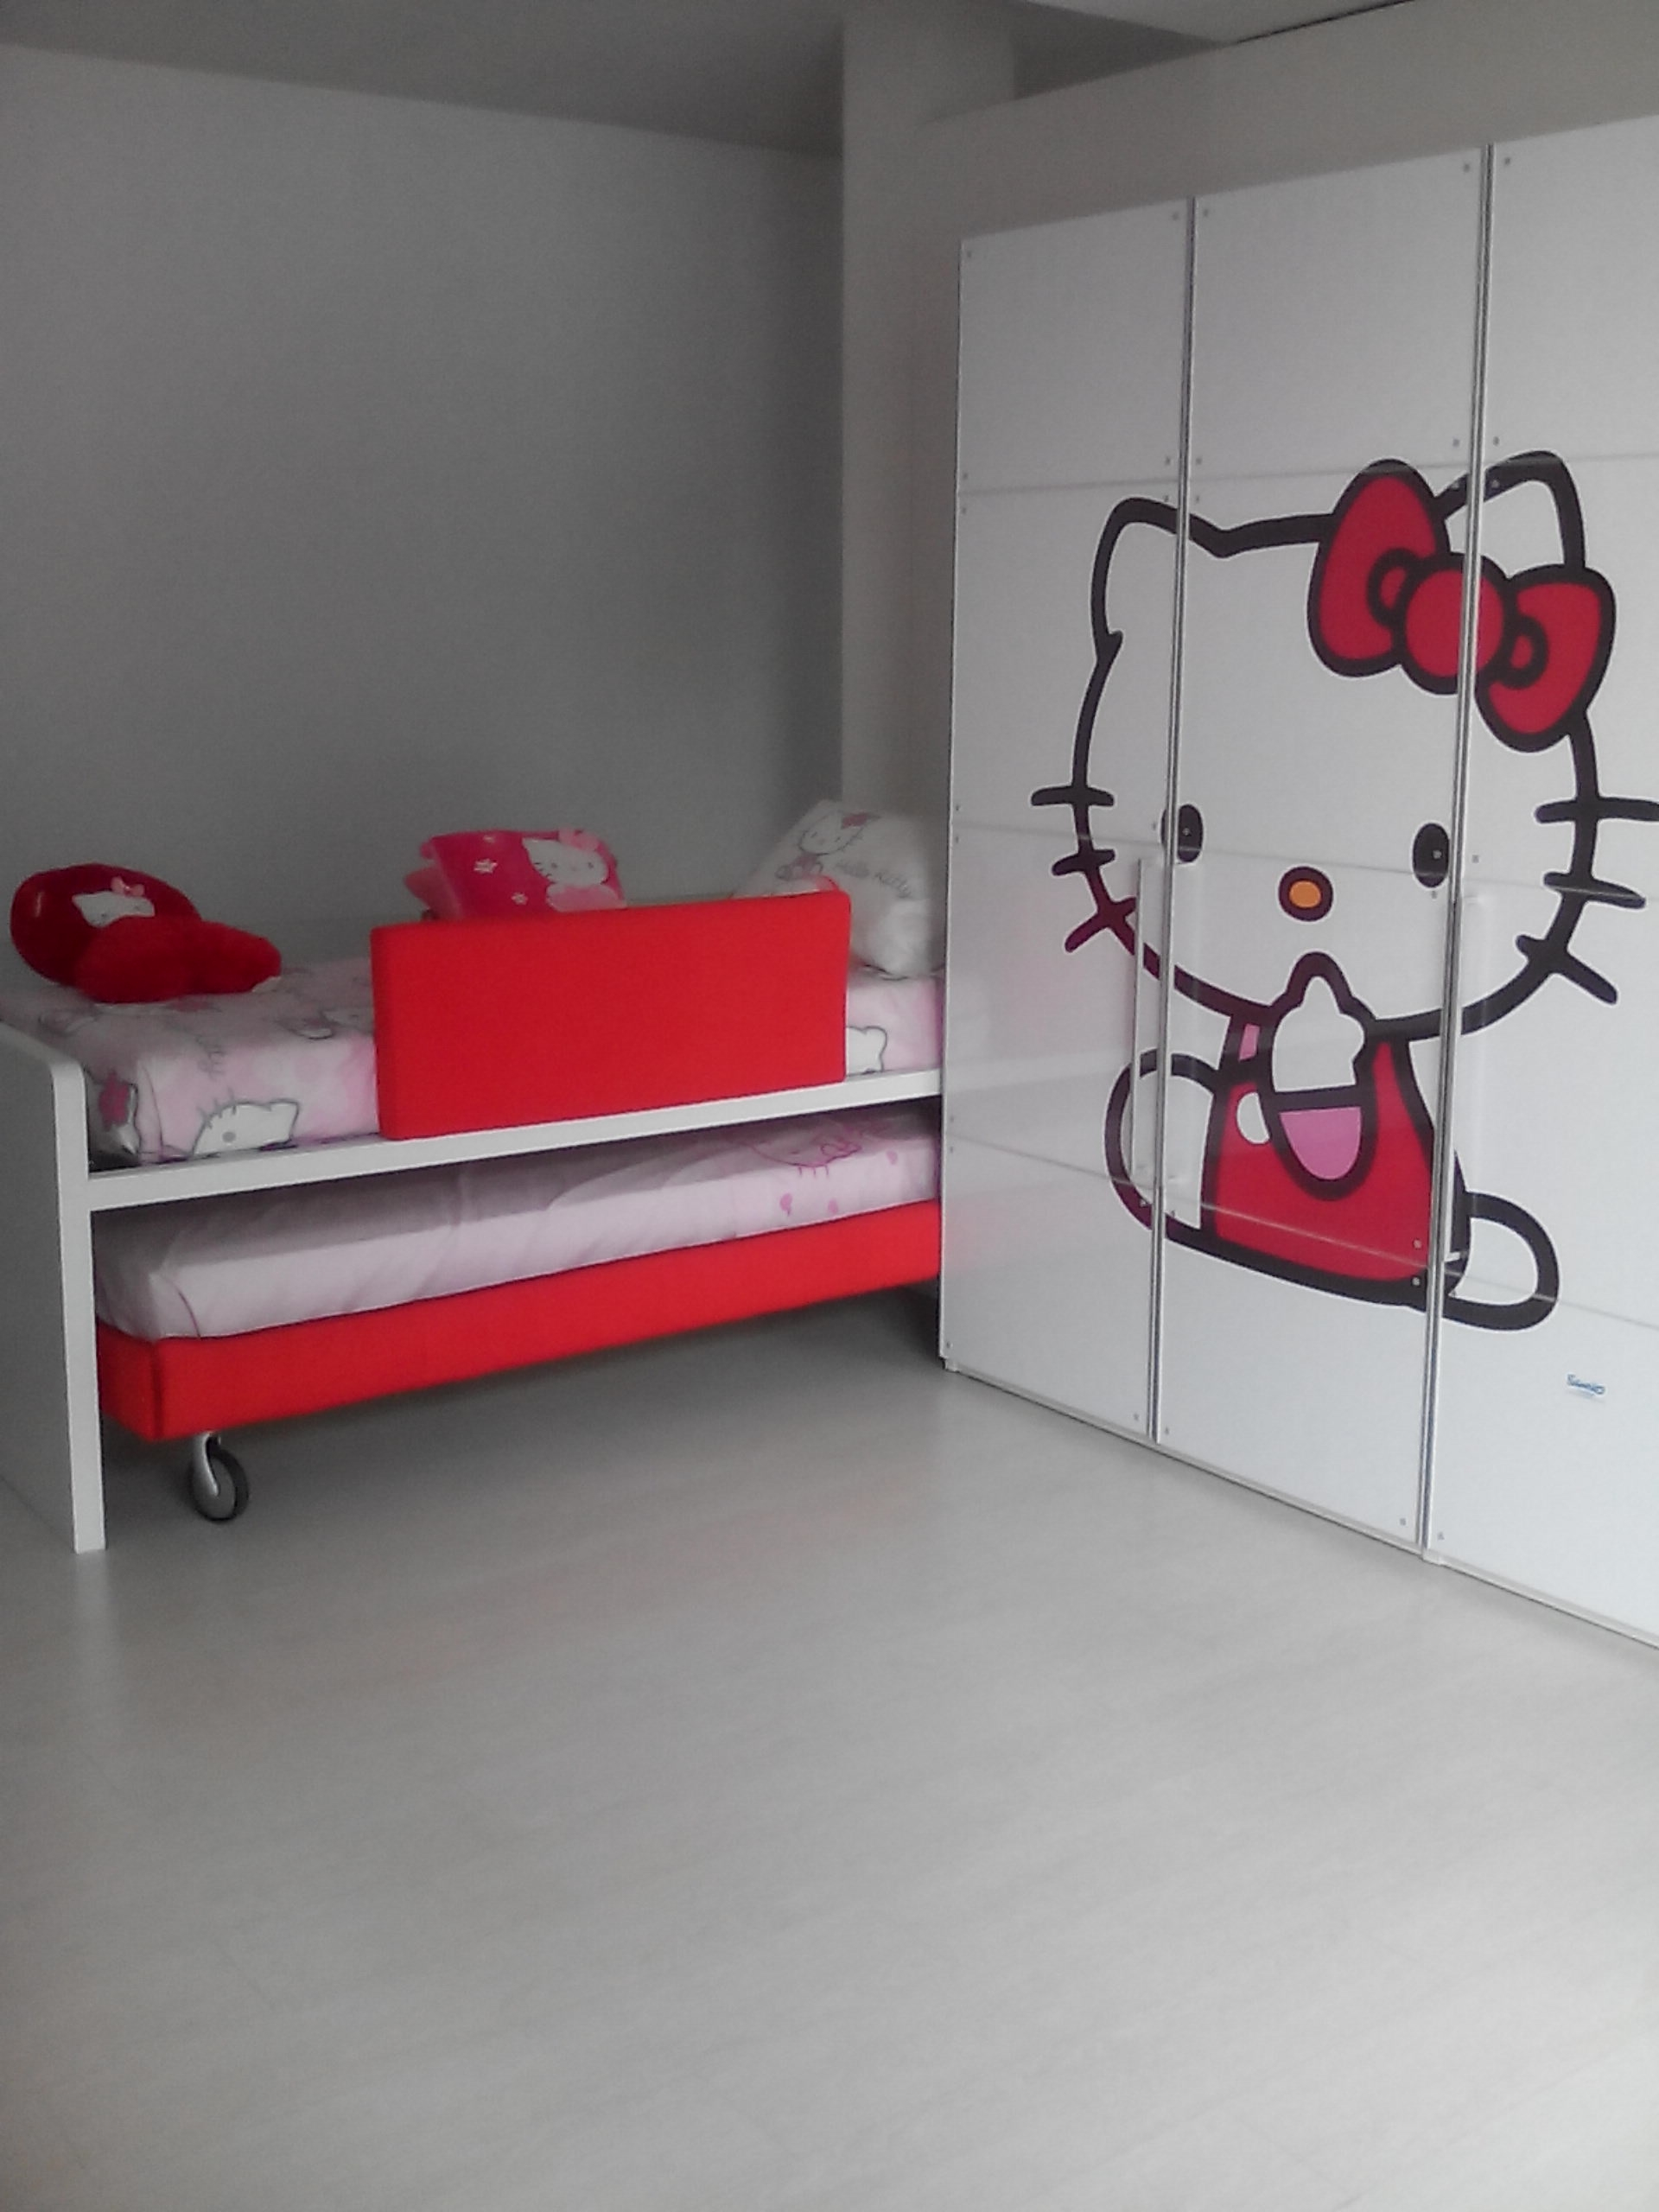 Camerette Di Hello Kitty  hello kitty cameretta kittylove, camera da letto hello kitty camera ...